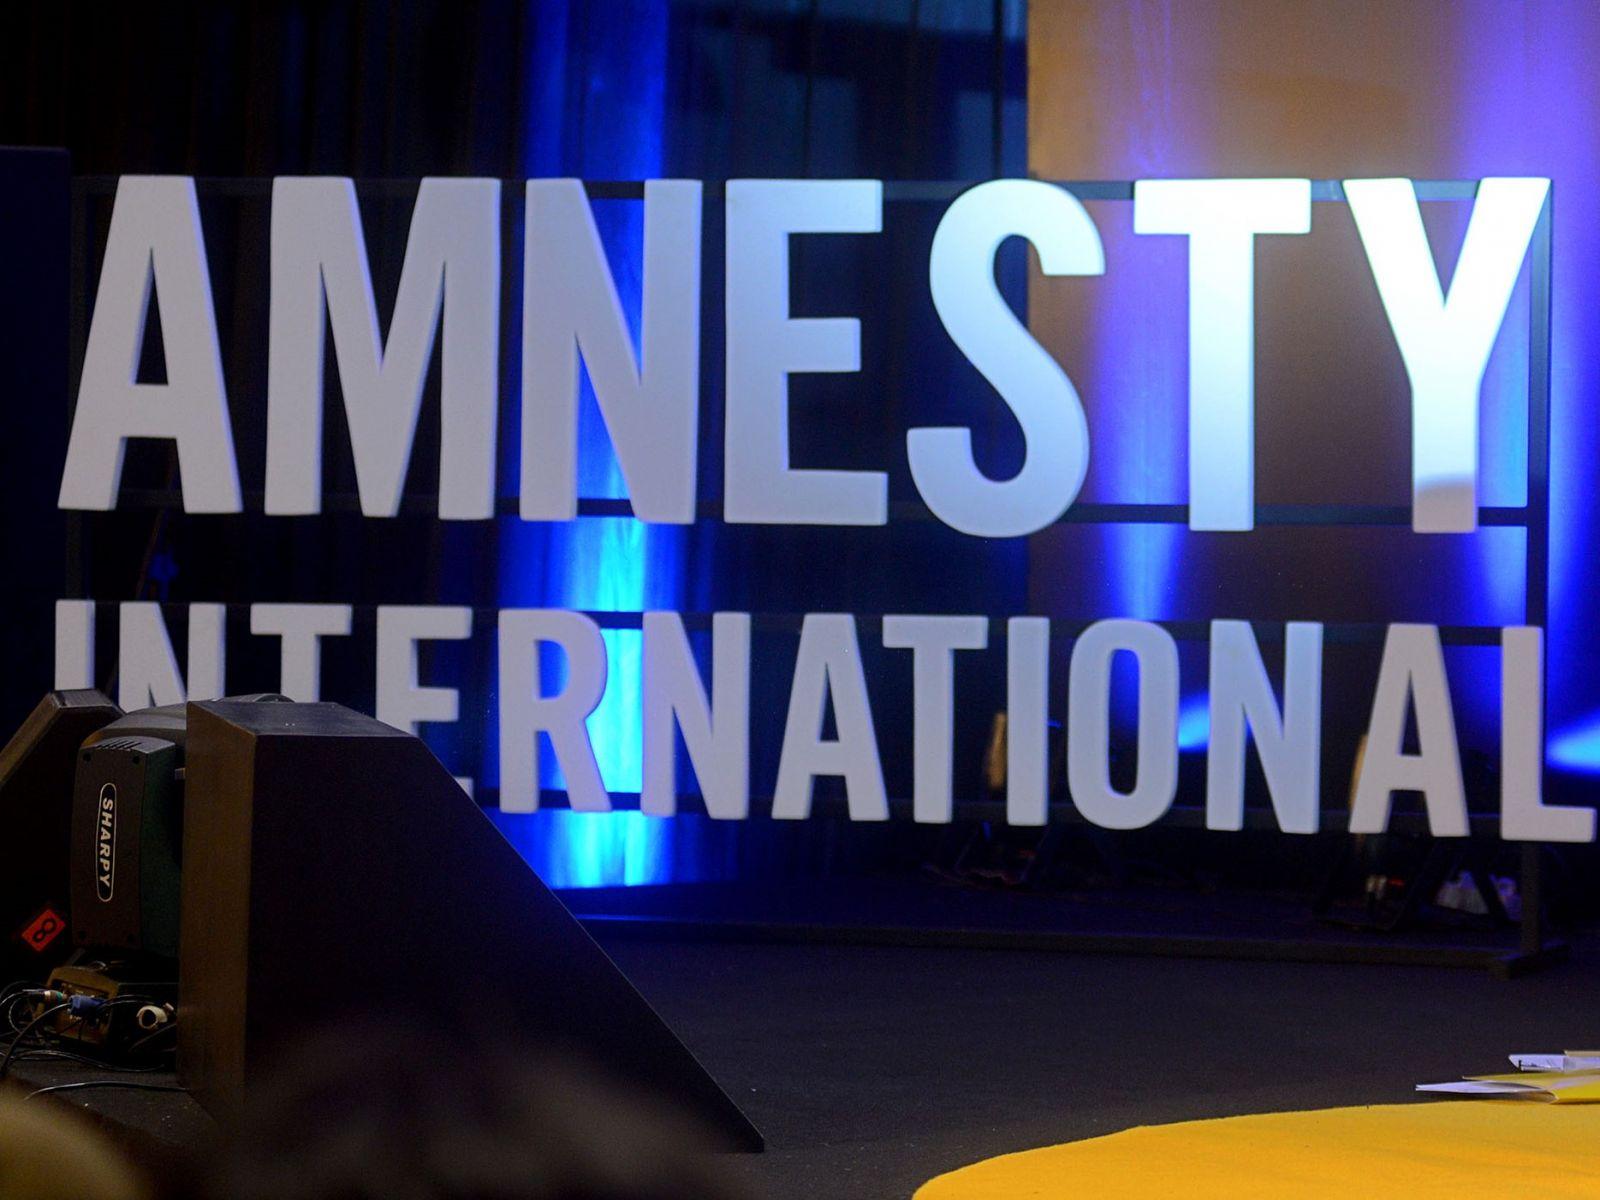 DOK Amnesty International.